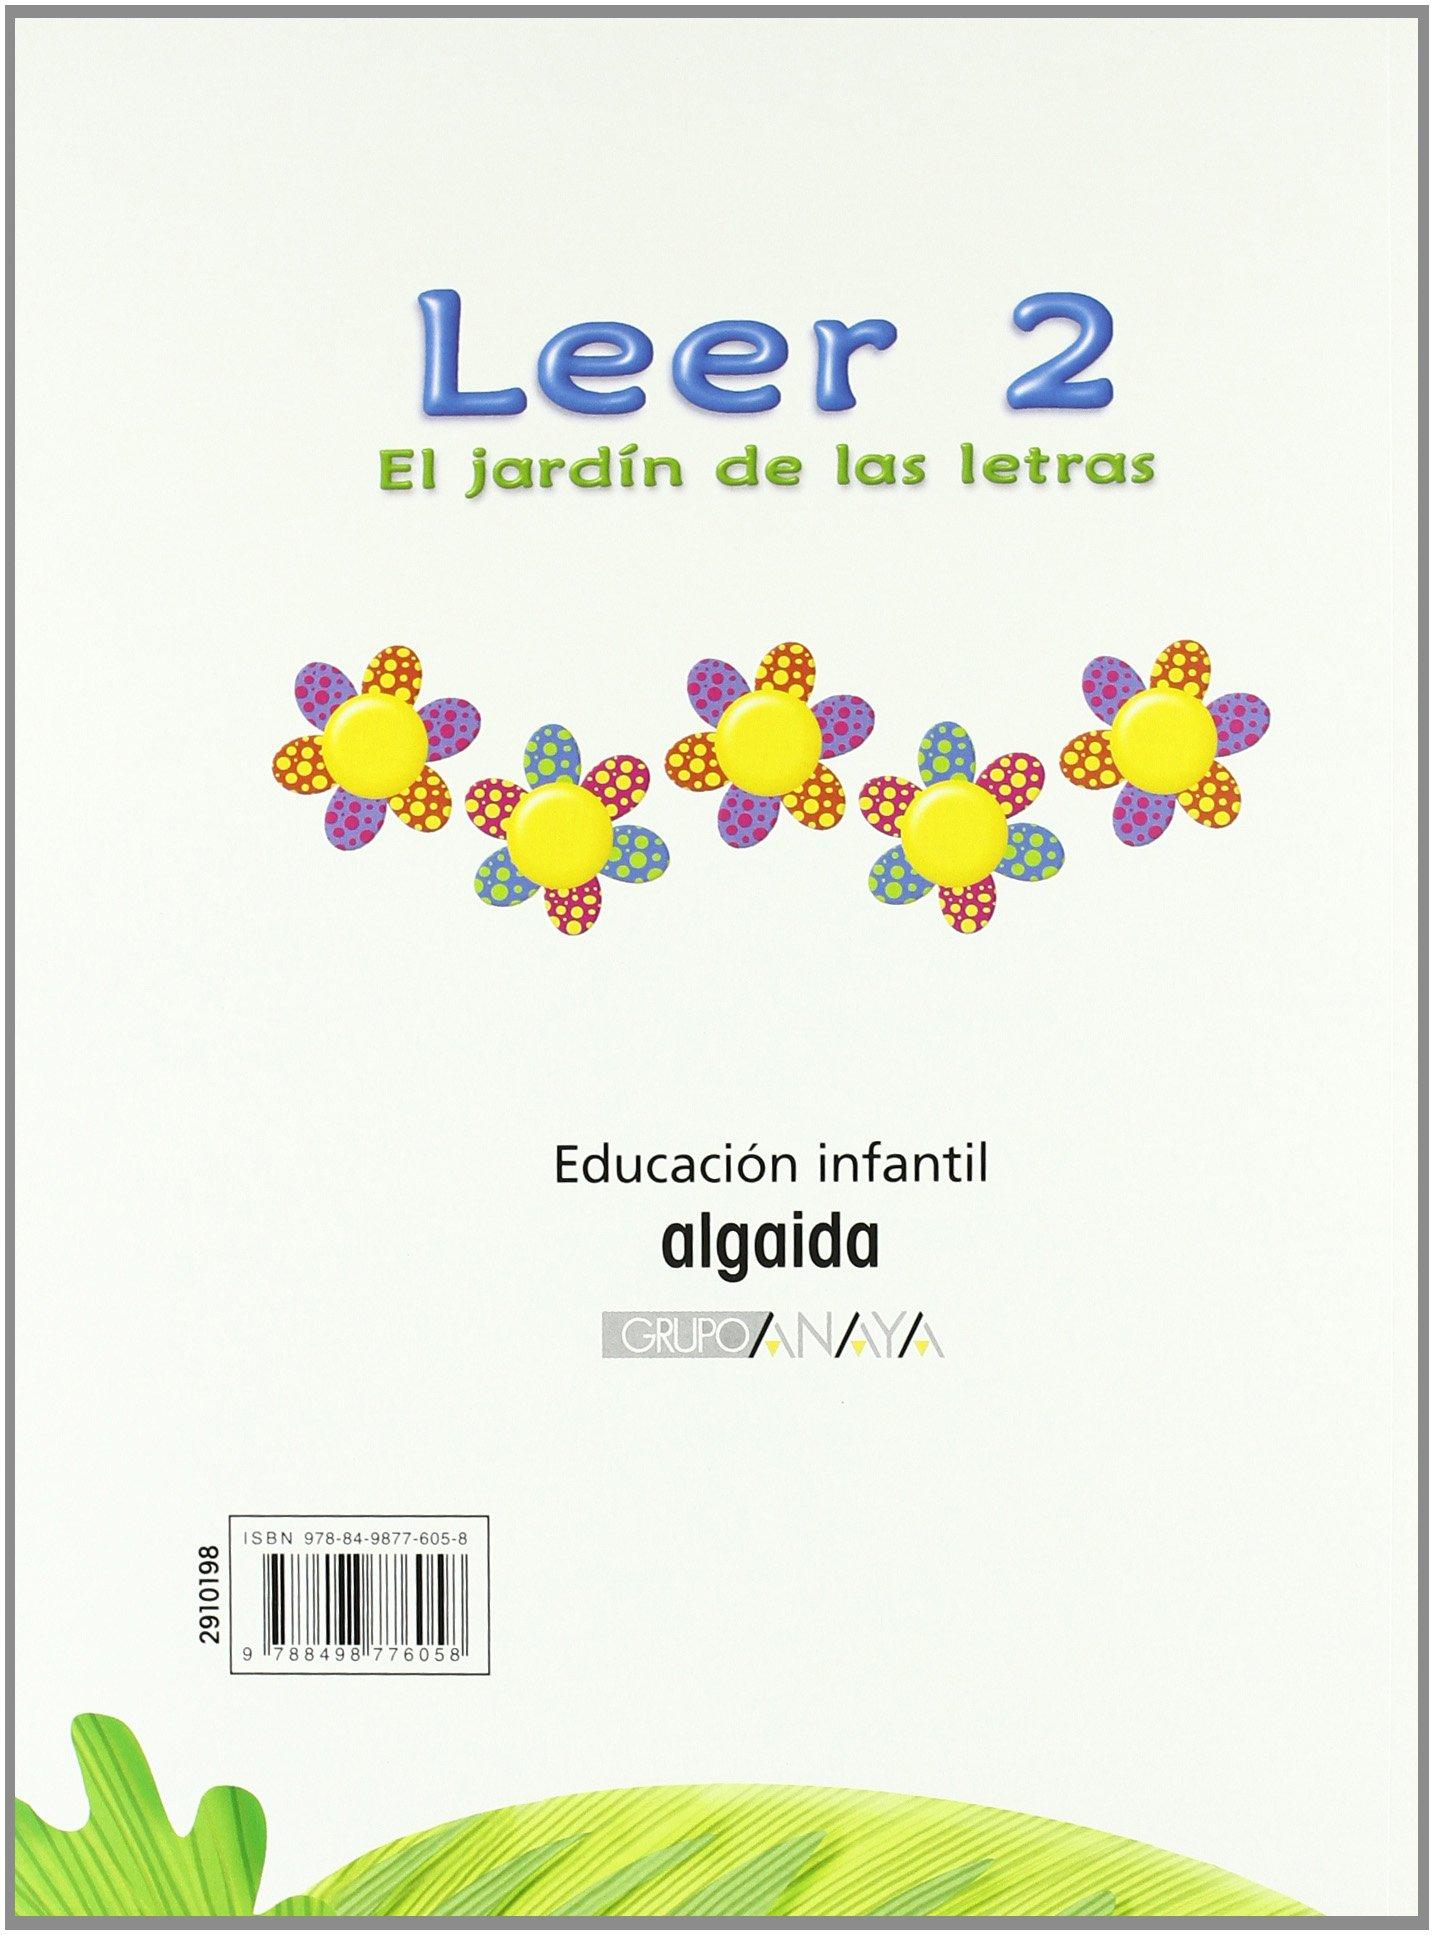 El jardín de las letras. Leer 2 Educación Infantil Educación Infantil Algaida. Lectoescritura - 9788498776058: Amazon.es: Campuzano Valiente, María Dolores: Libros